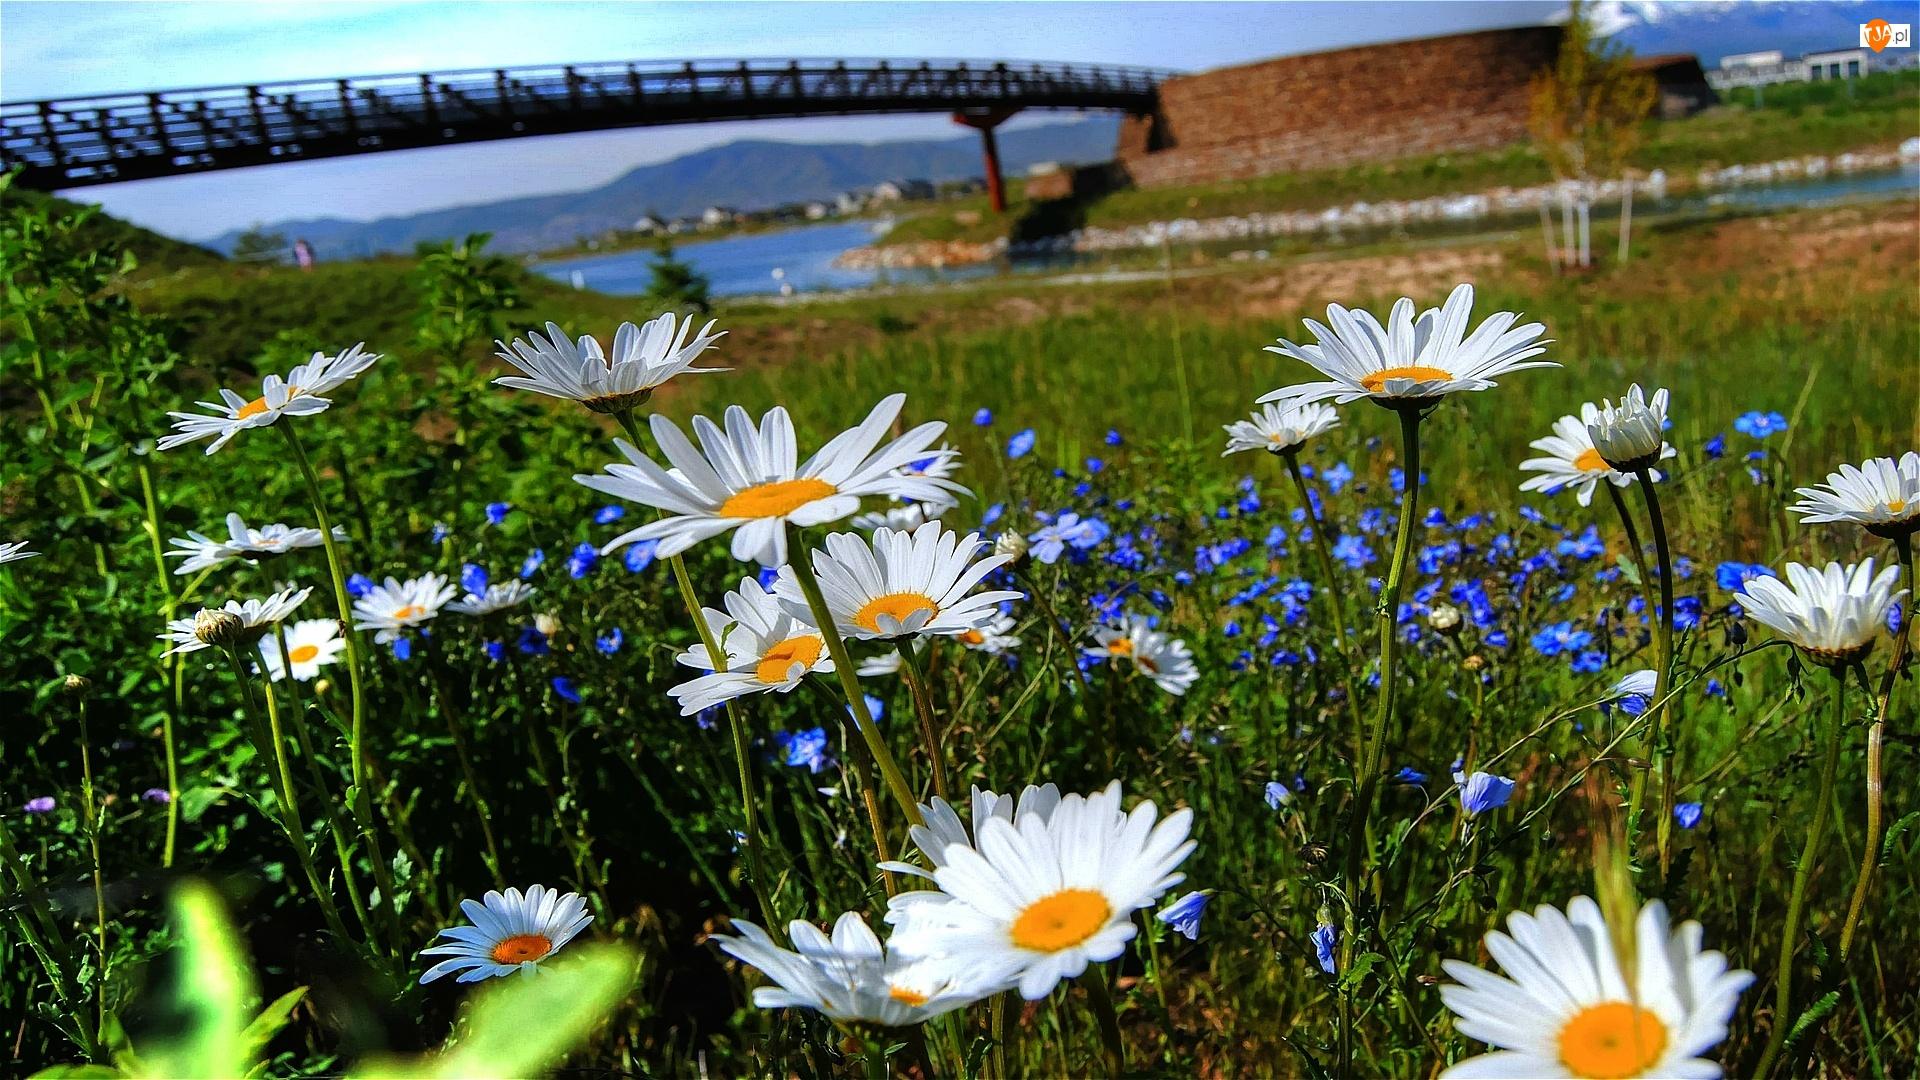 Wiosna, Kwiaty, Most, Rzeka